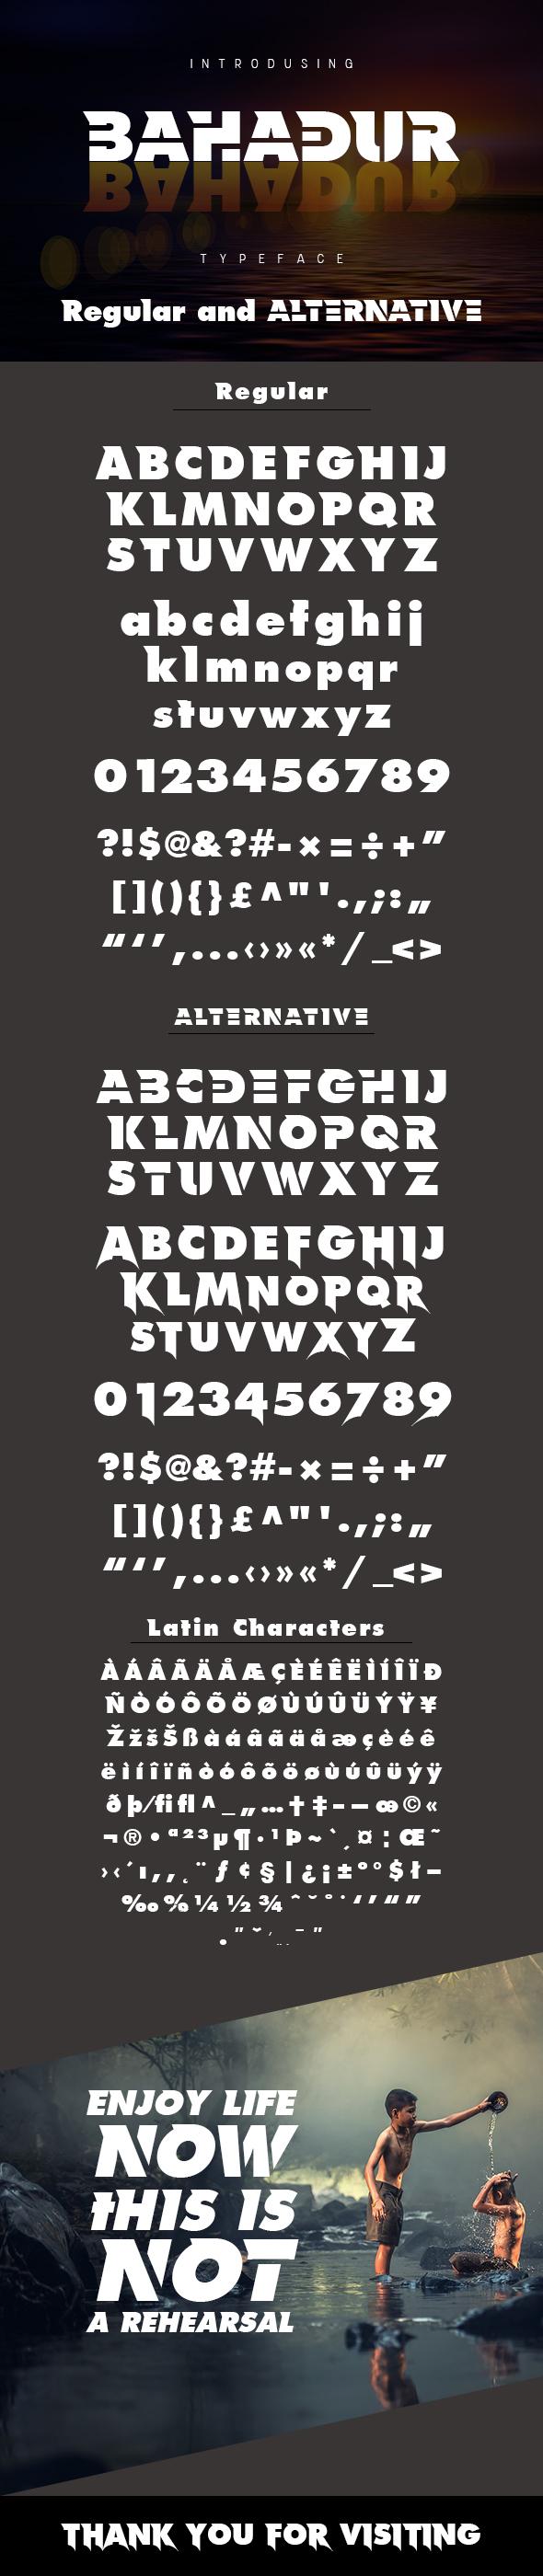 Bahadur Typeface - Sans-Serif Fonts